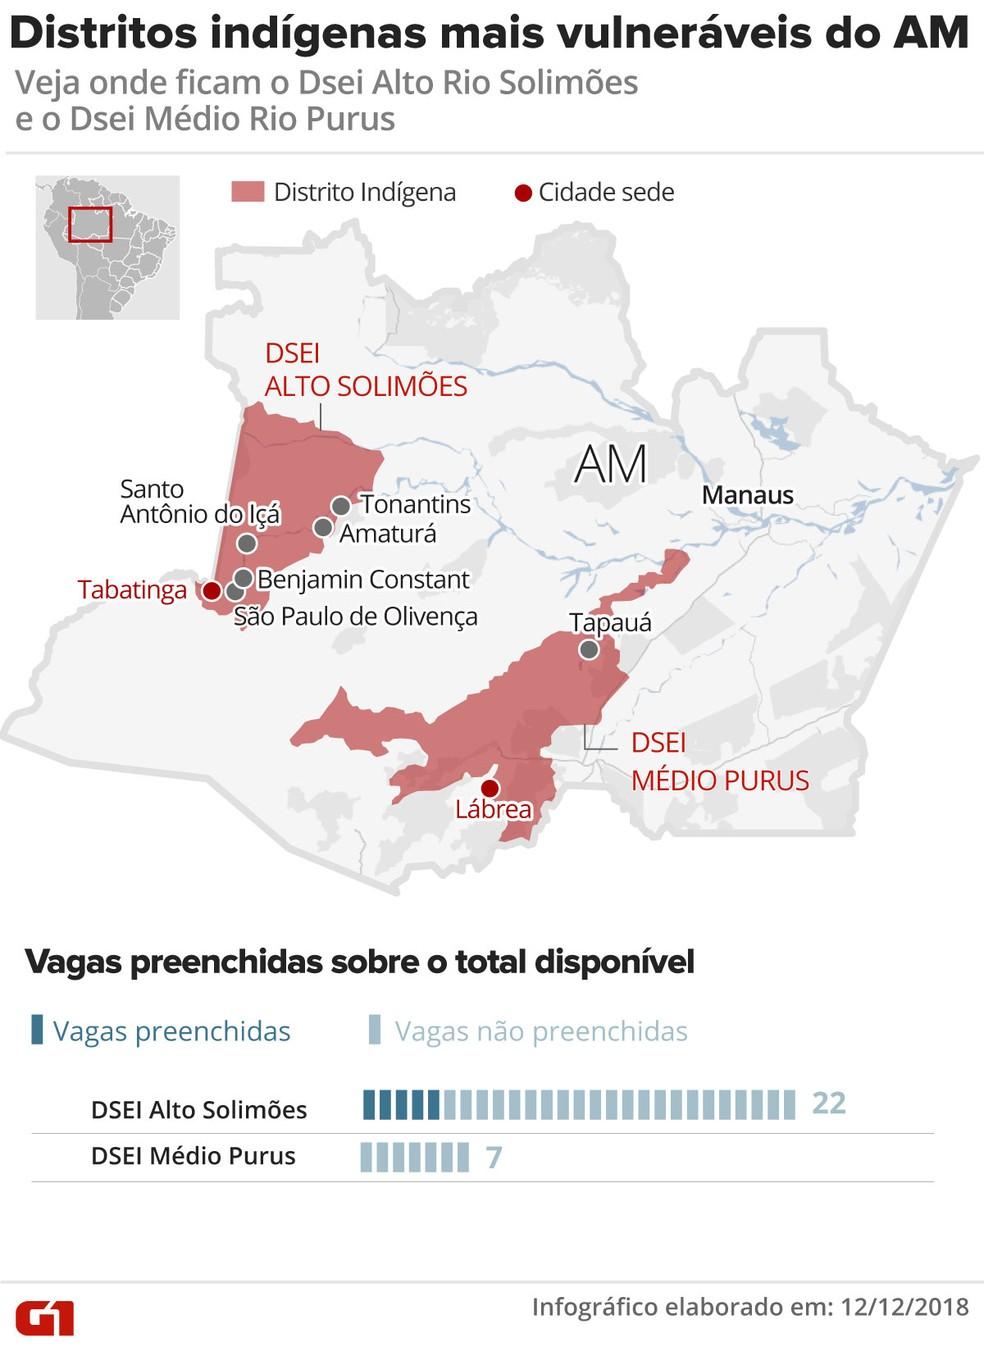 Mapa mostra os distritos indígenas mais vulneráveis do Amazonas — Foto: Karina Almeida e Roberta Jaworski/ Arte G1